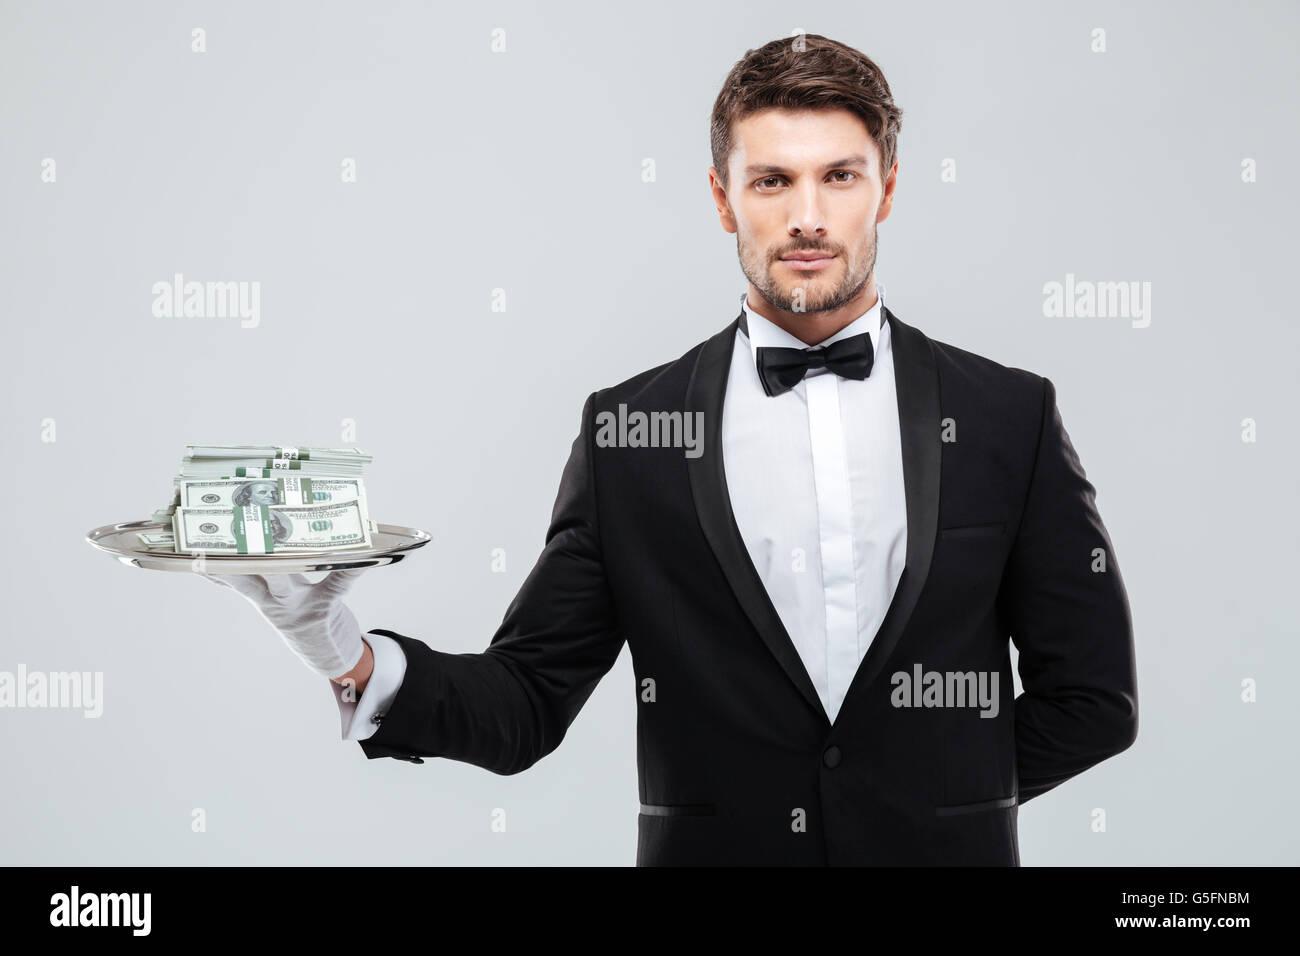 Bel giovane cameriere in smoking in piedi e tenere i soldi sul vassoio Foto Stock